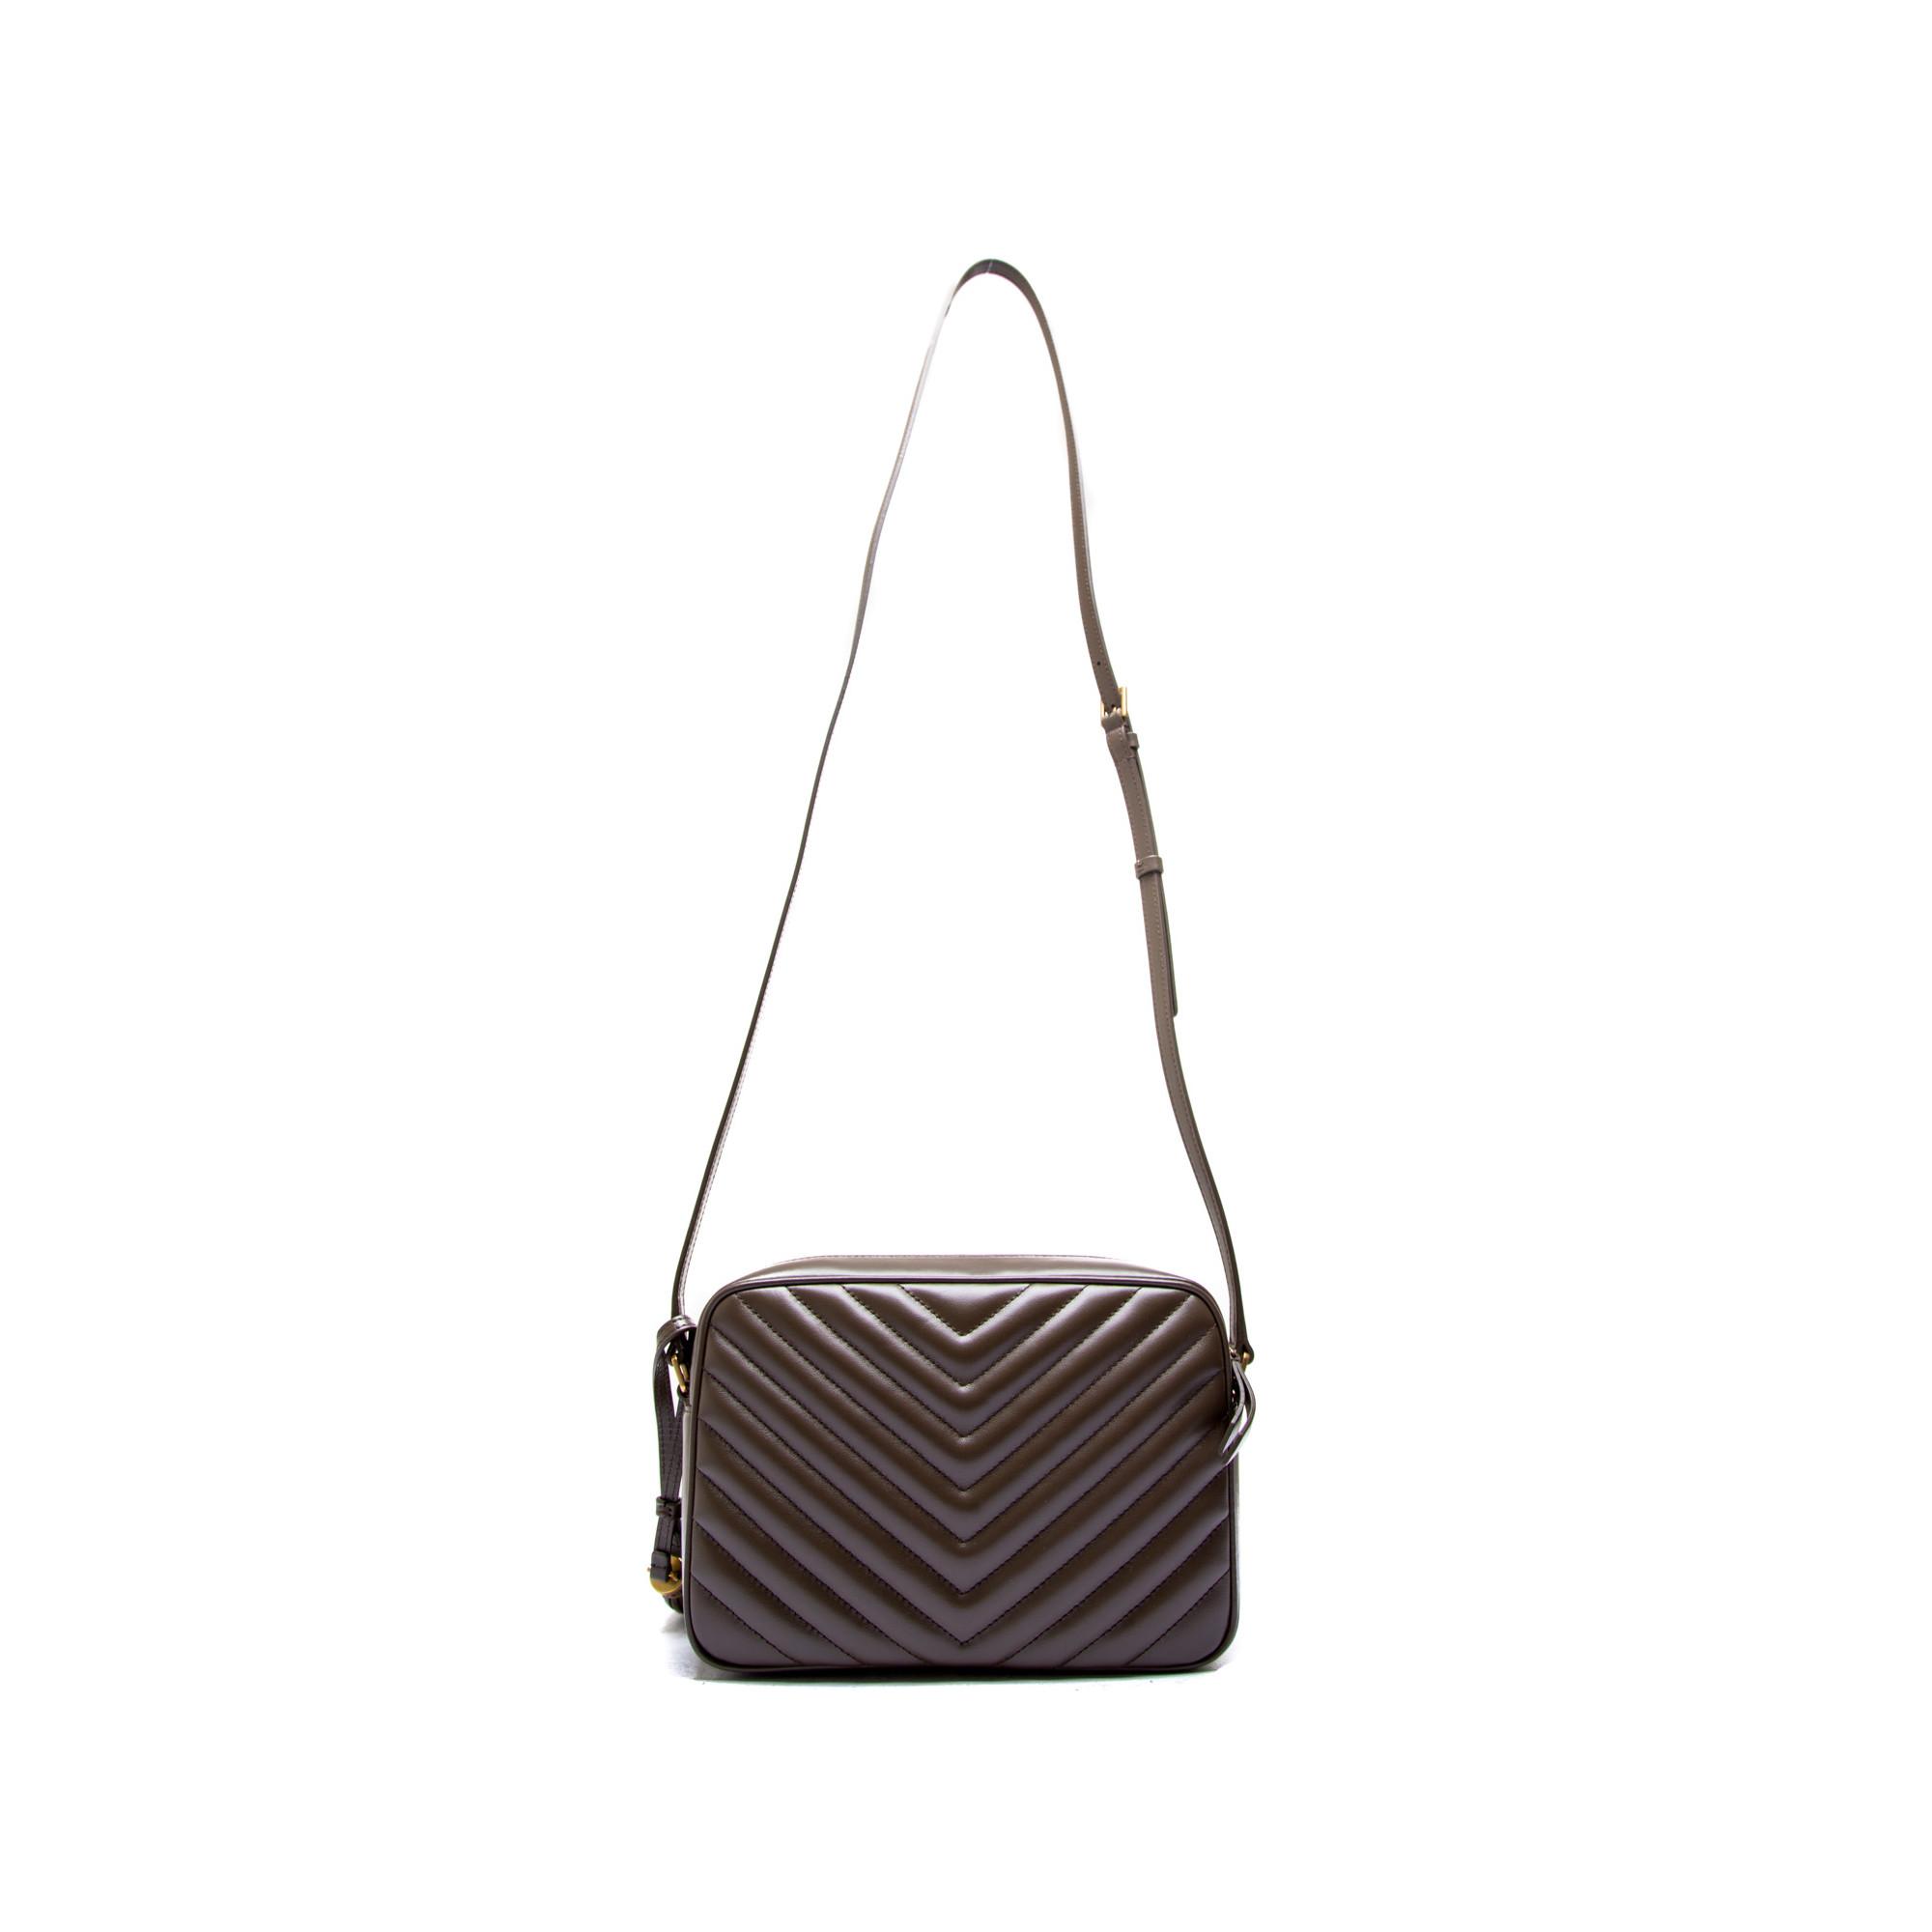 Saint Laurent ysl bag lou.satch with rem brown Saint Laurent ysl bag lou. bfc9d415b10b9